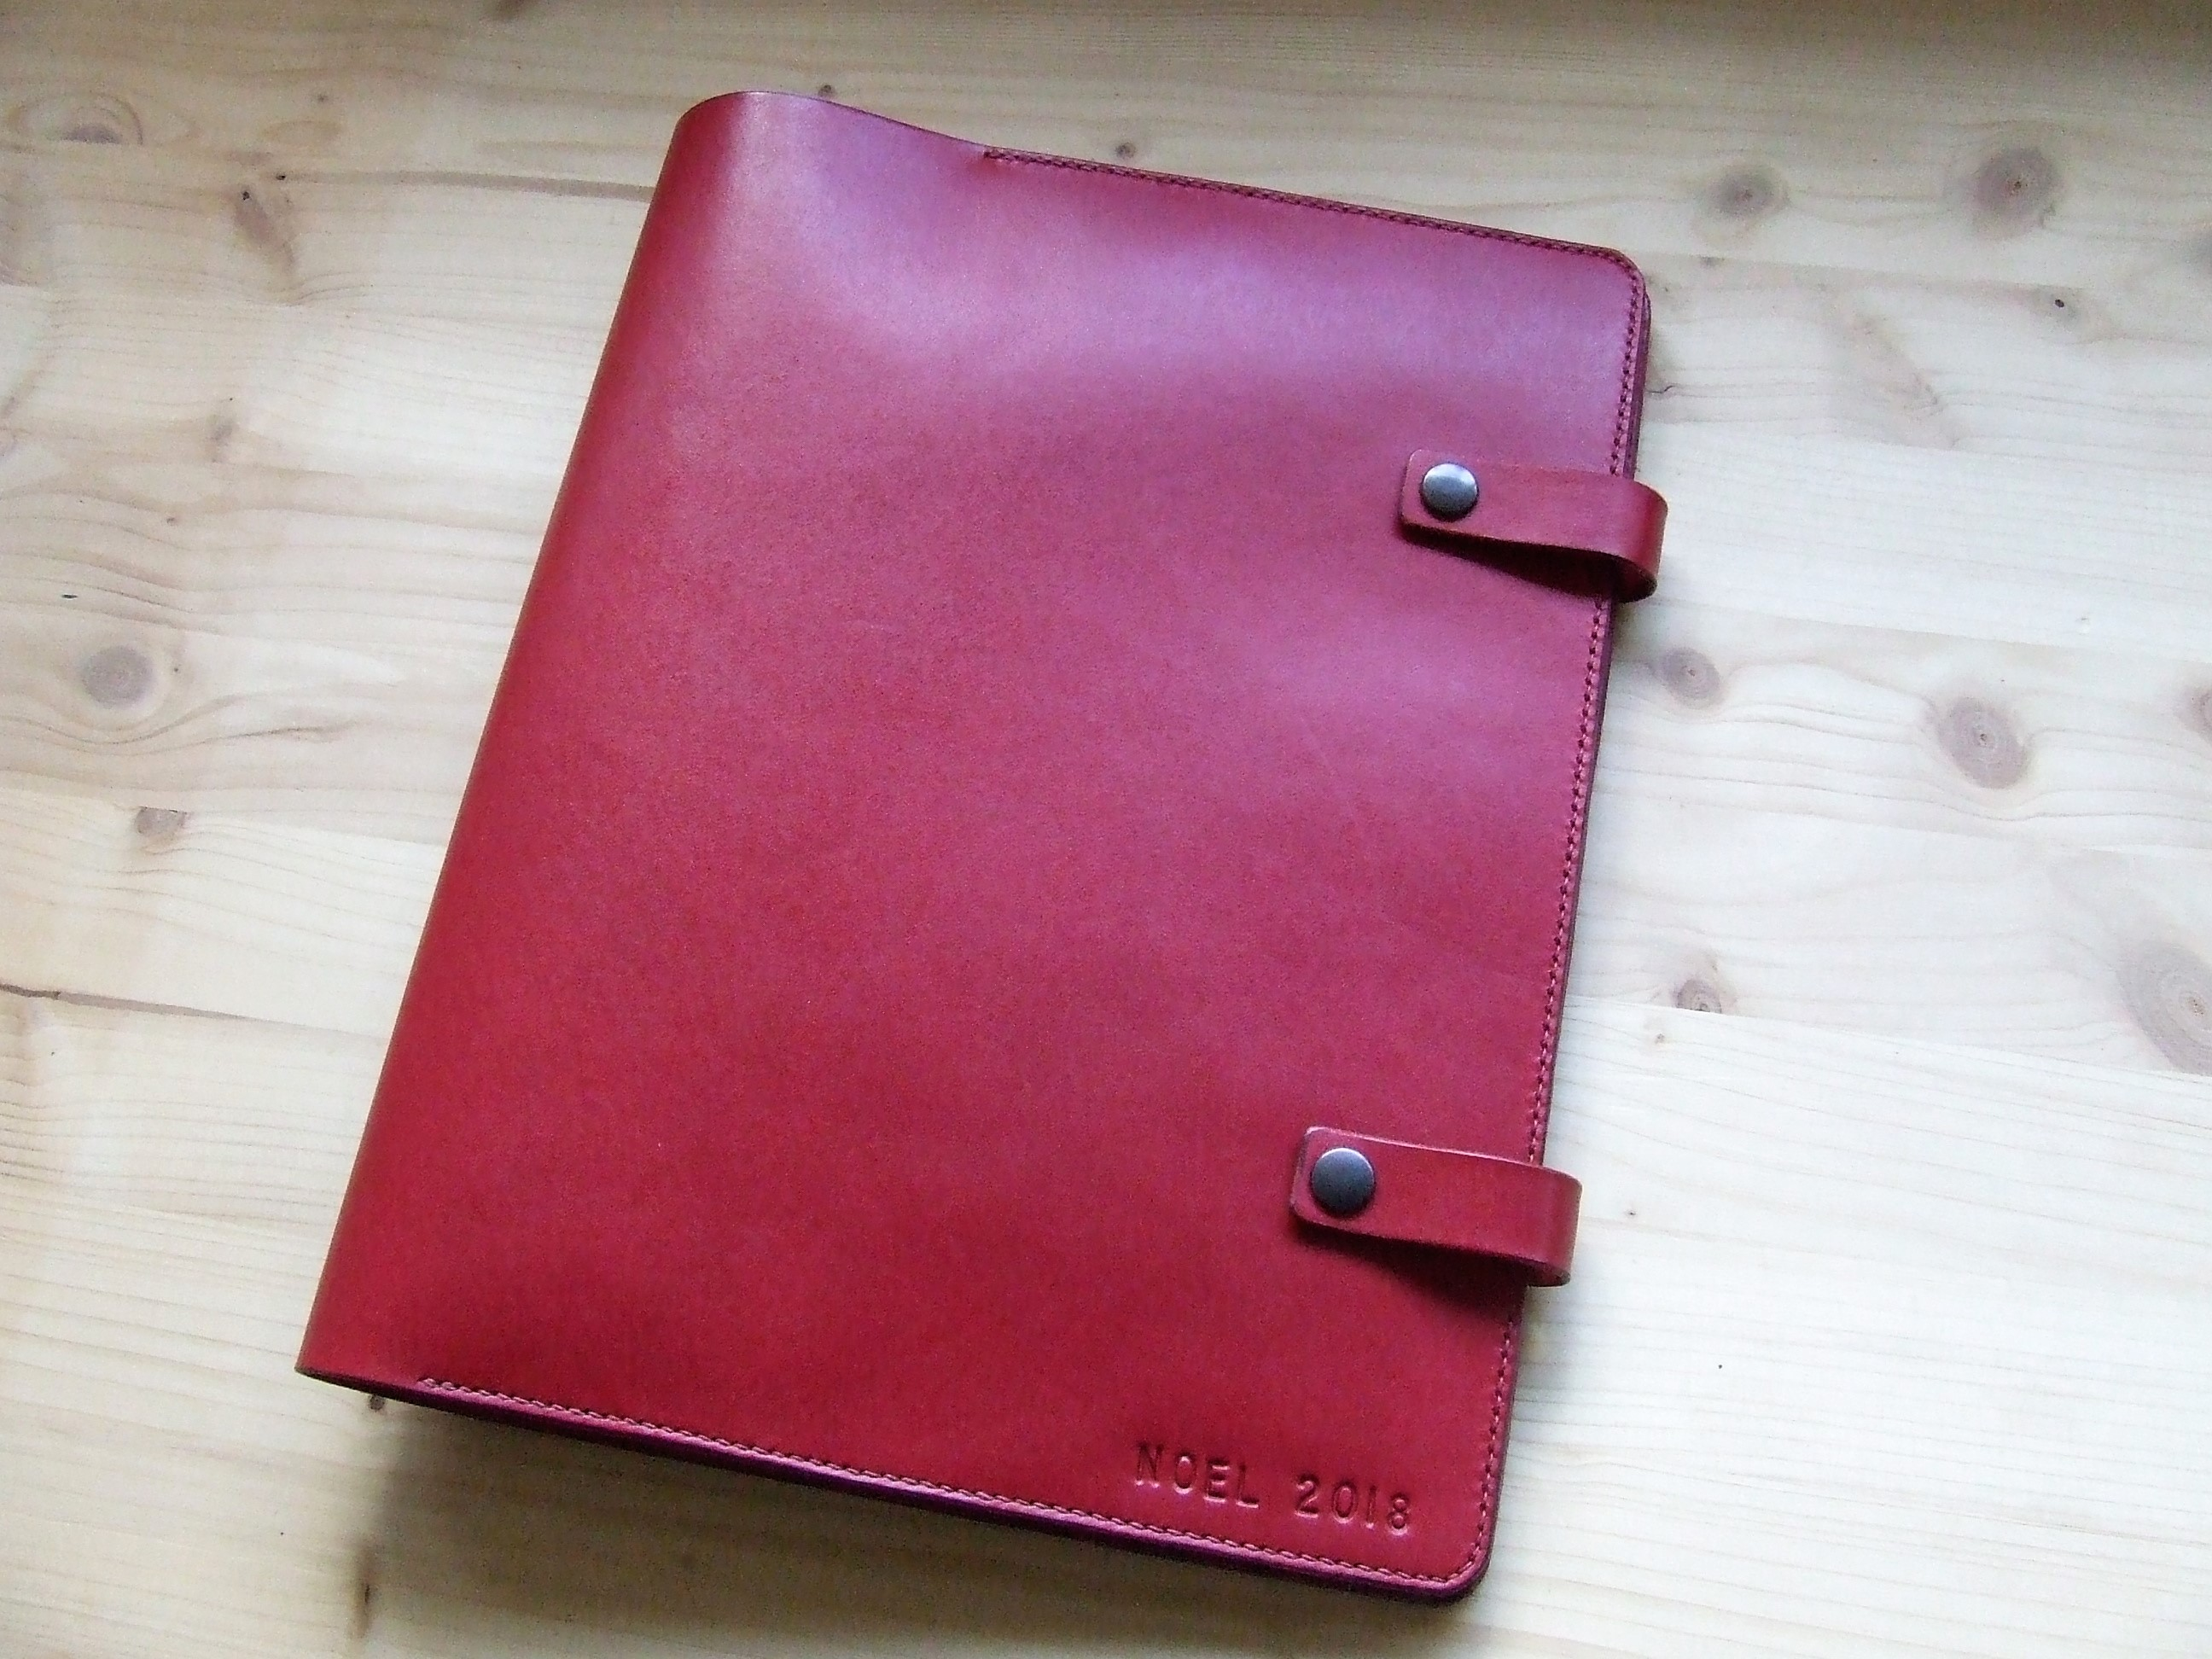 Protège agenda en cuir rouge prénom embossé personnalisé - 2 pattes de fermeture